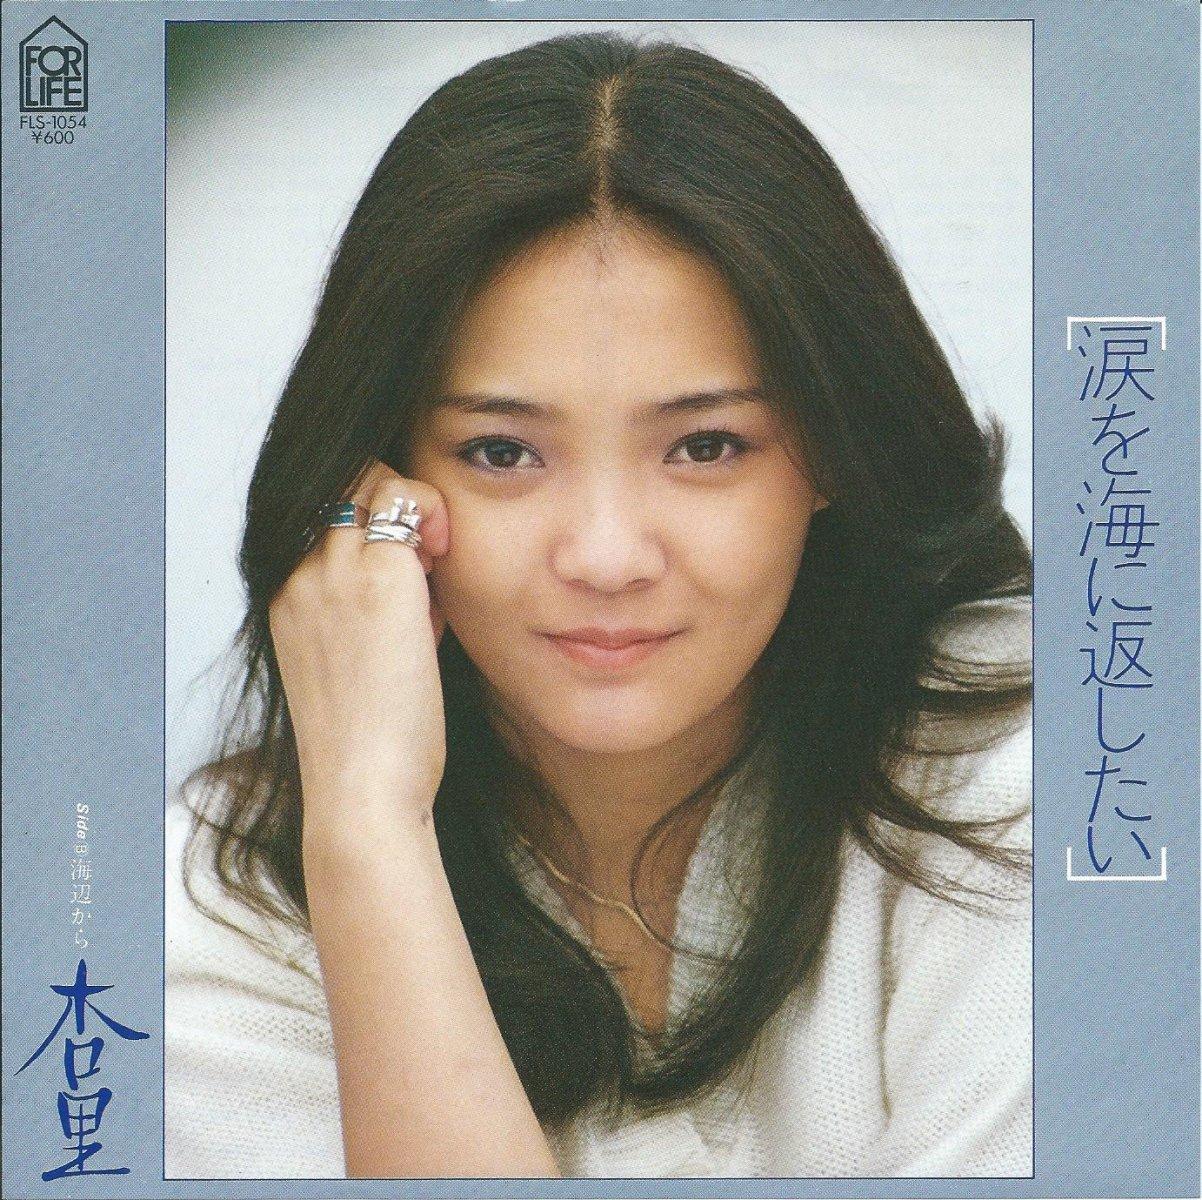 杏里 ANRI / 涙を海に返したい / 海辺から (鈴木茂) (7